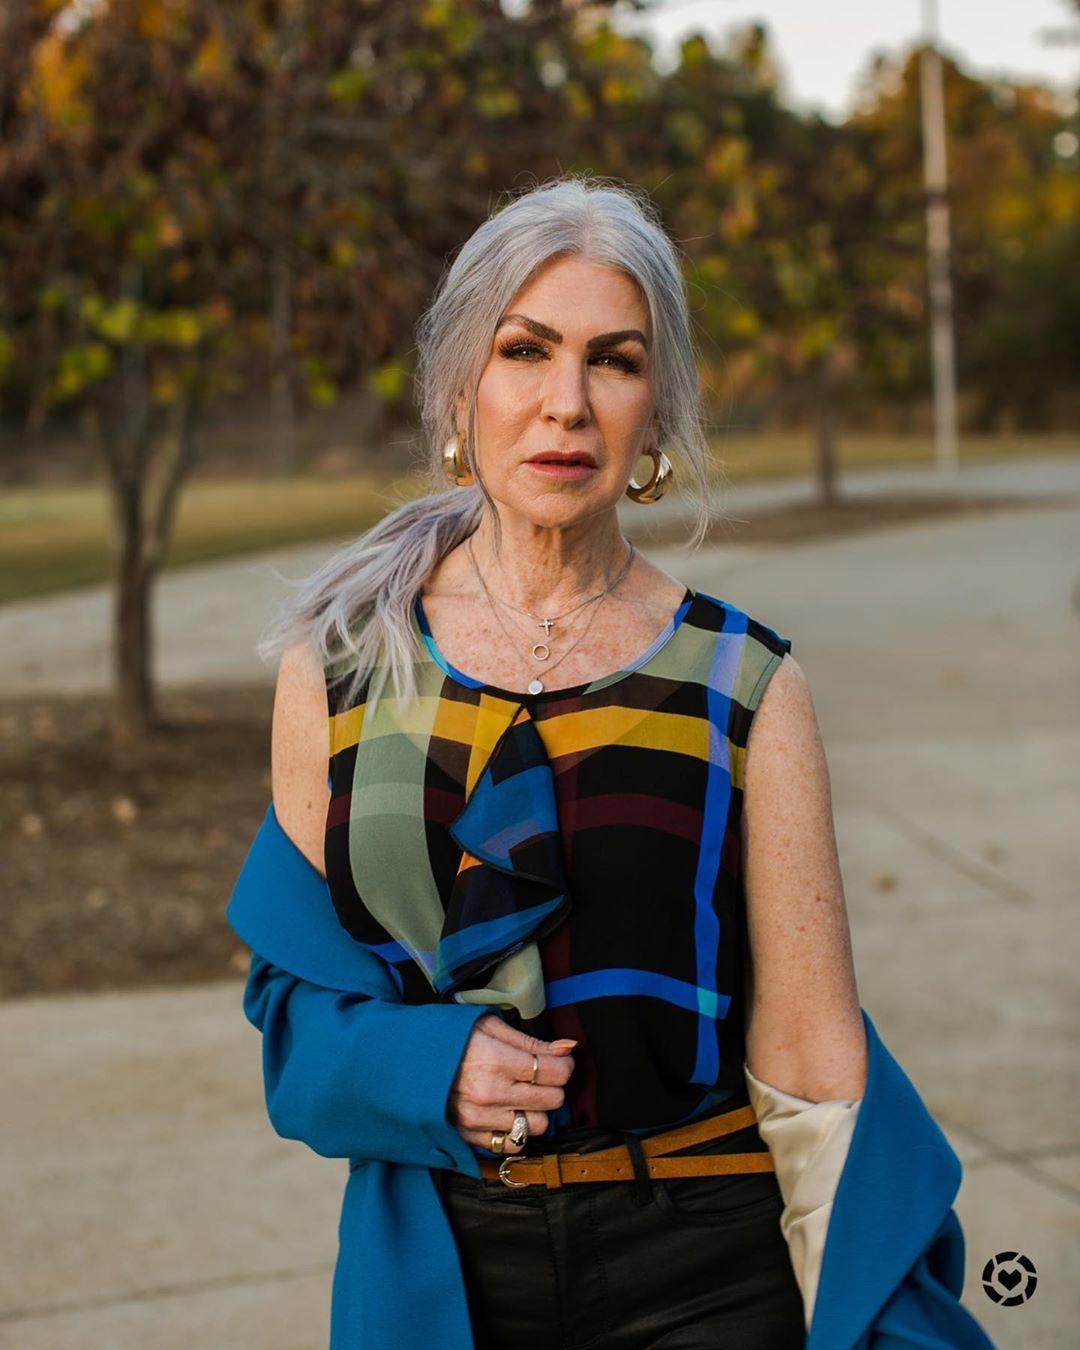 прически для женщин старше 50 лет фото 10